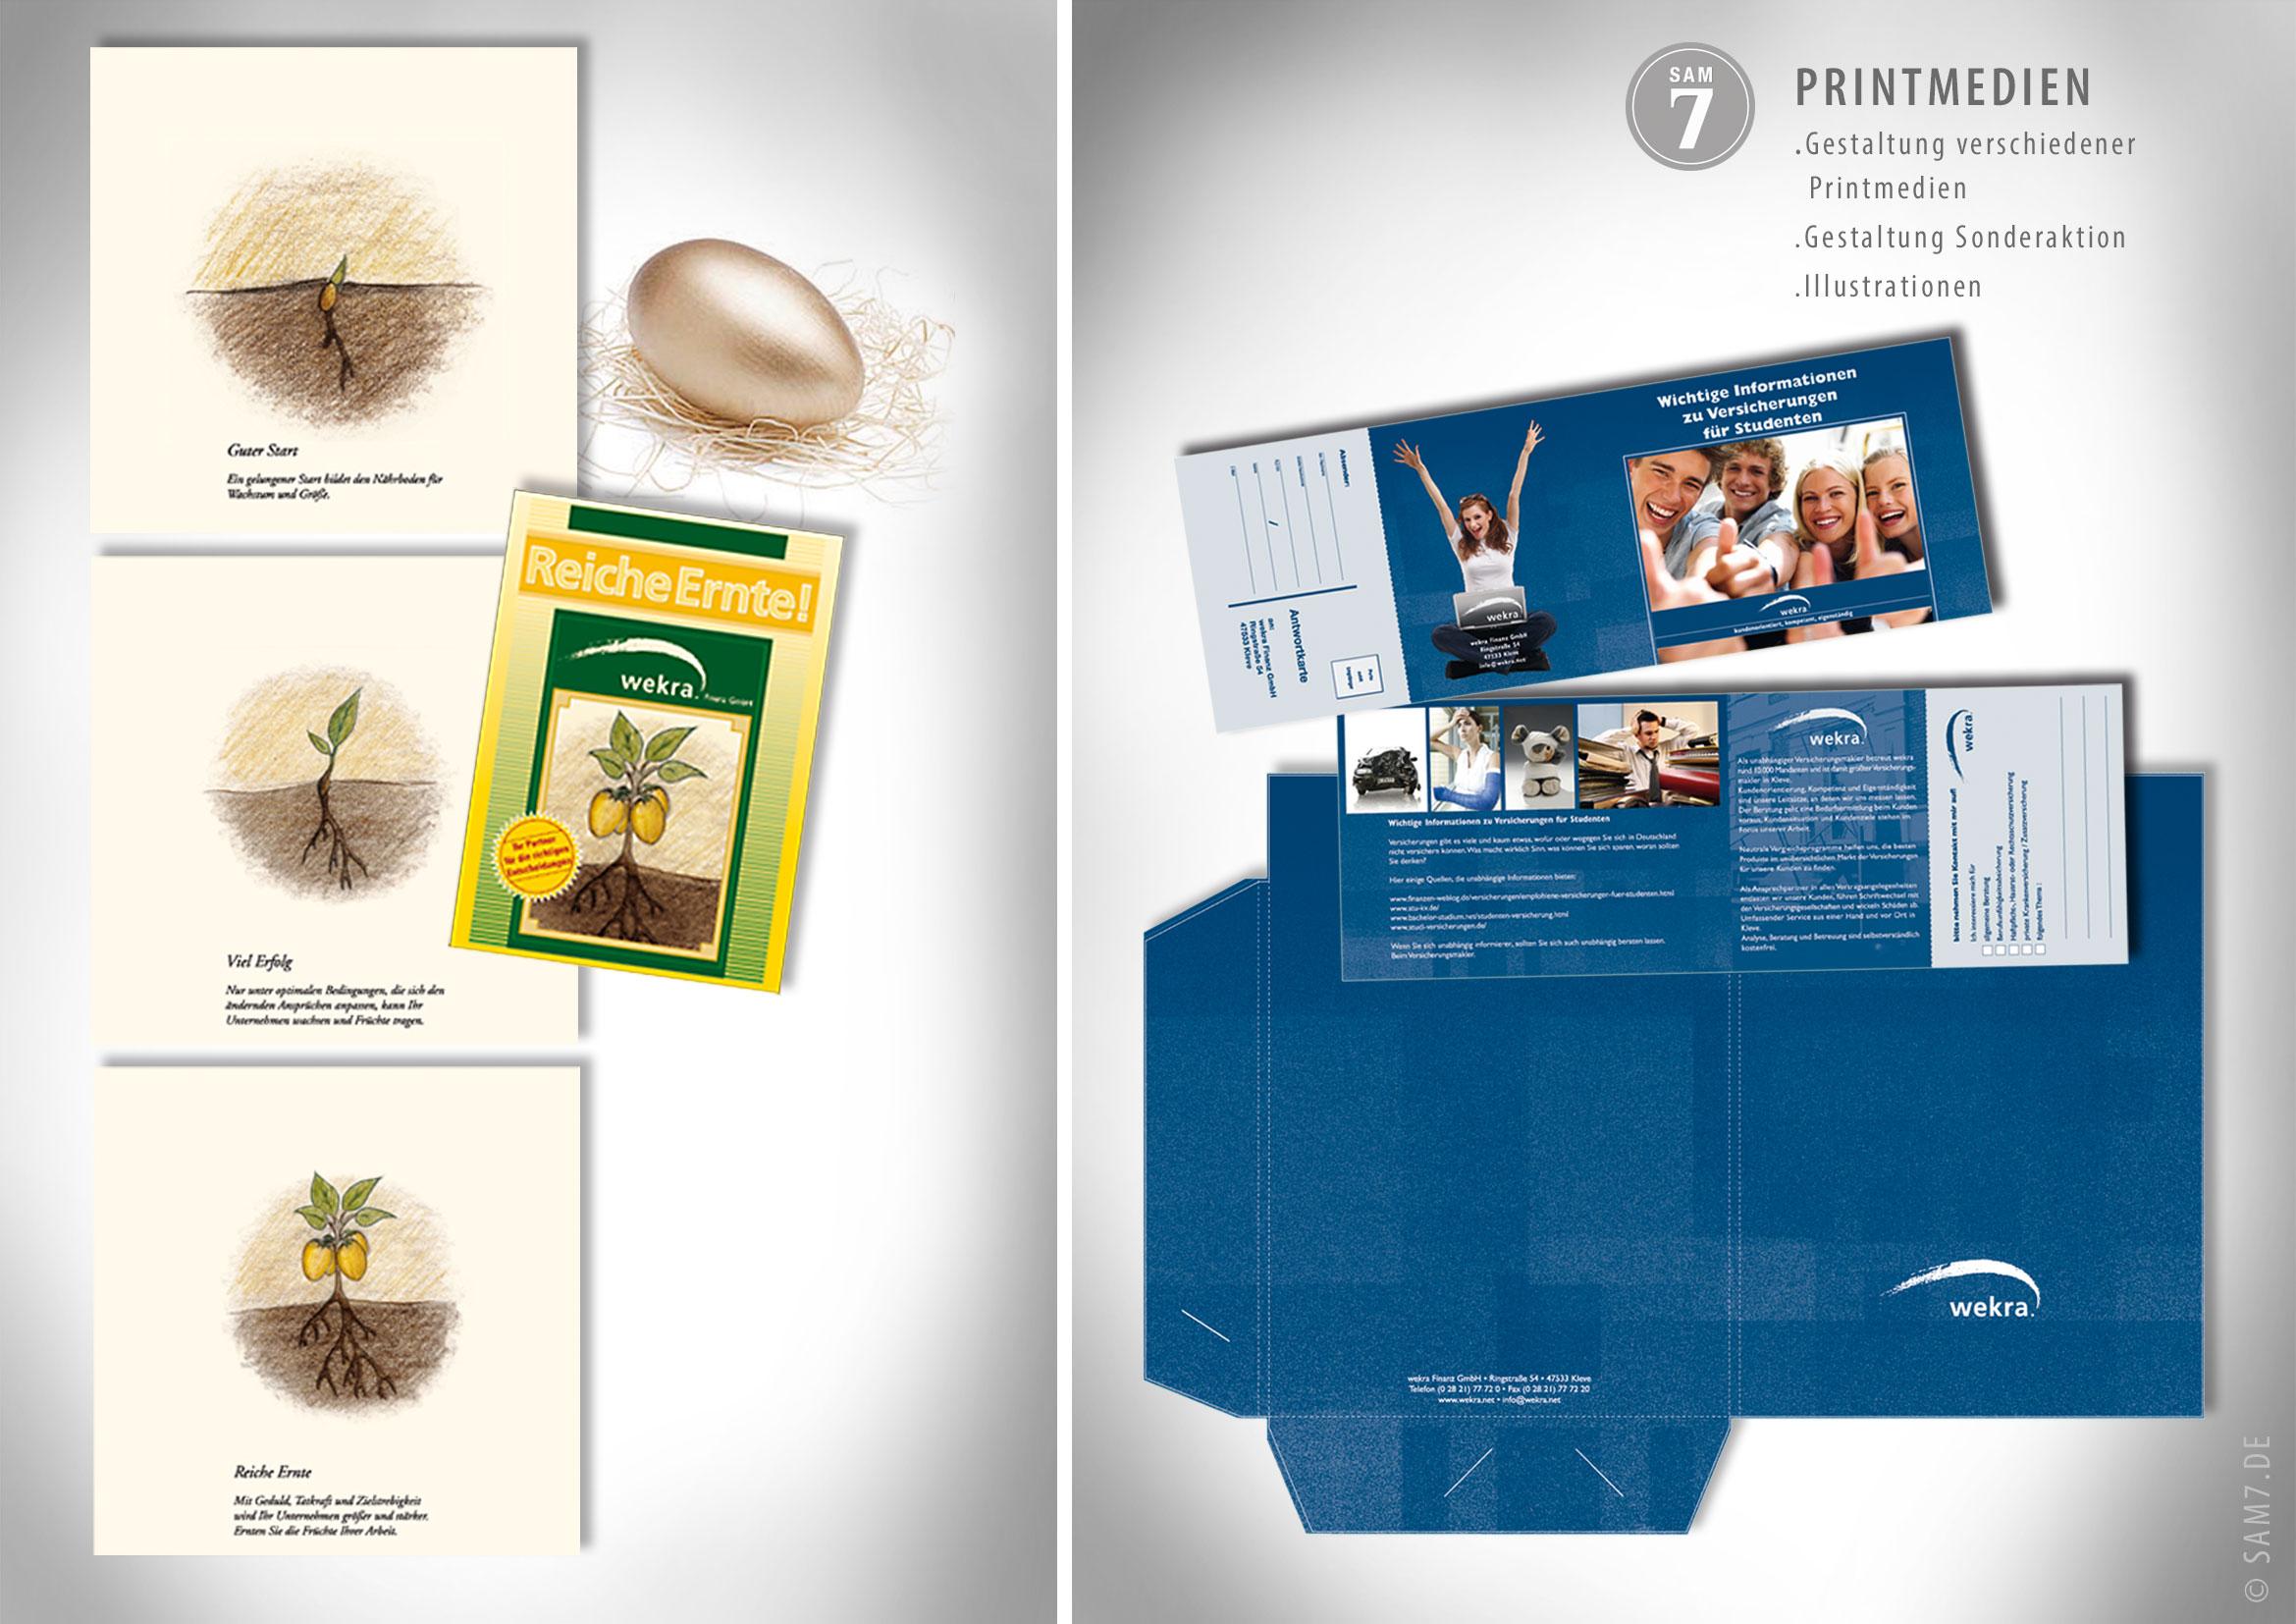 Printmedien. Wekra Finanz GmbH.